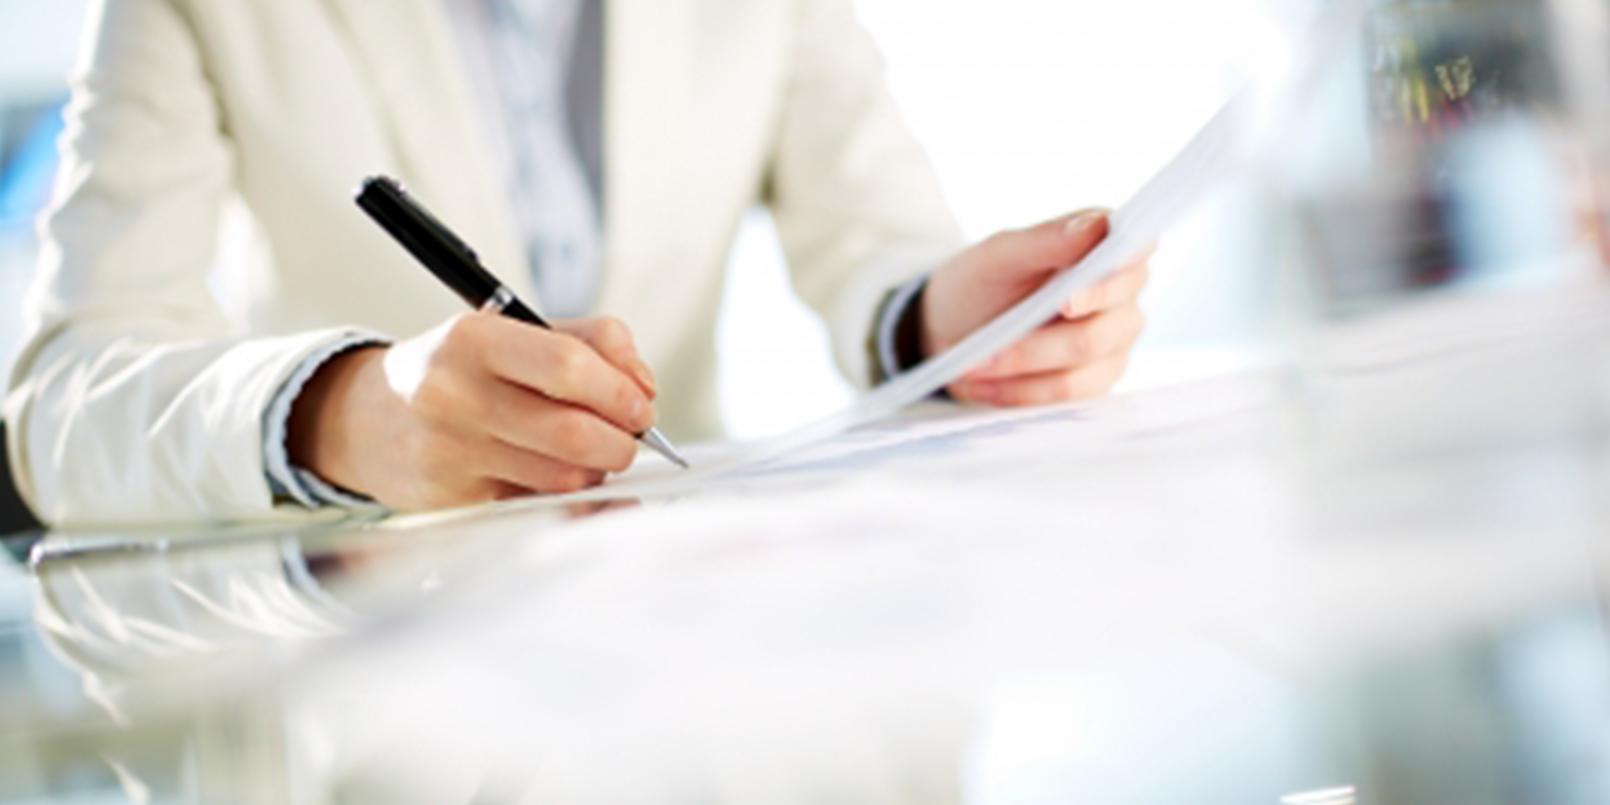 Cómo tramitar la herencia: Partición, liquidación y adjudicación | Sala de prensa Grupo Asesor ADADE y E-Consulting Global Group